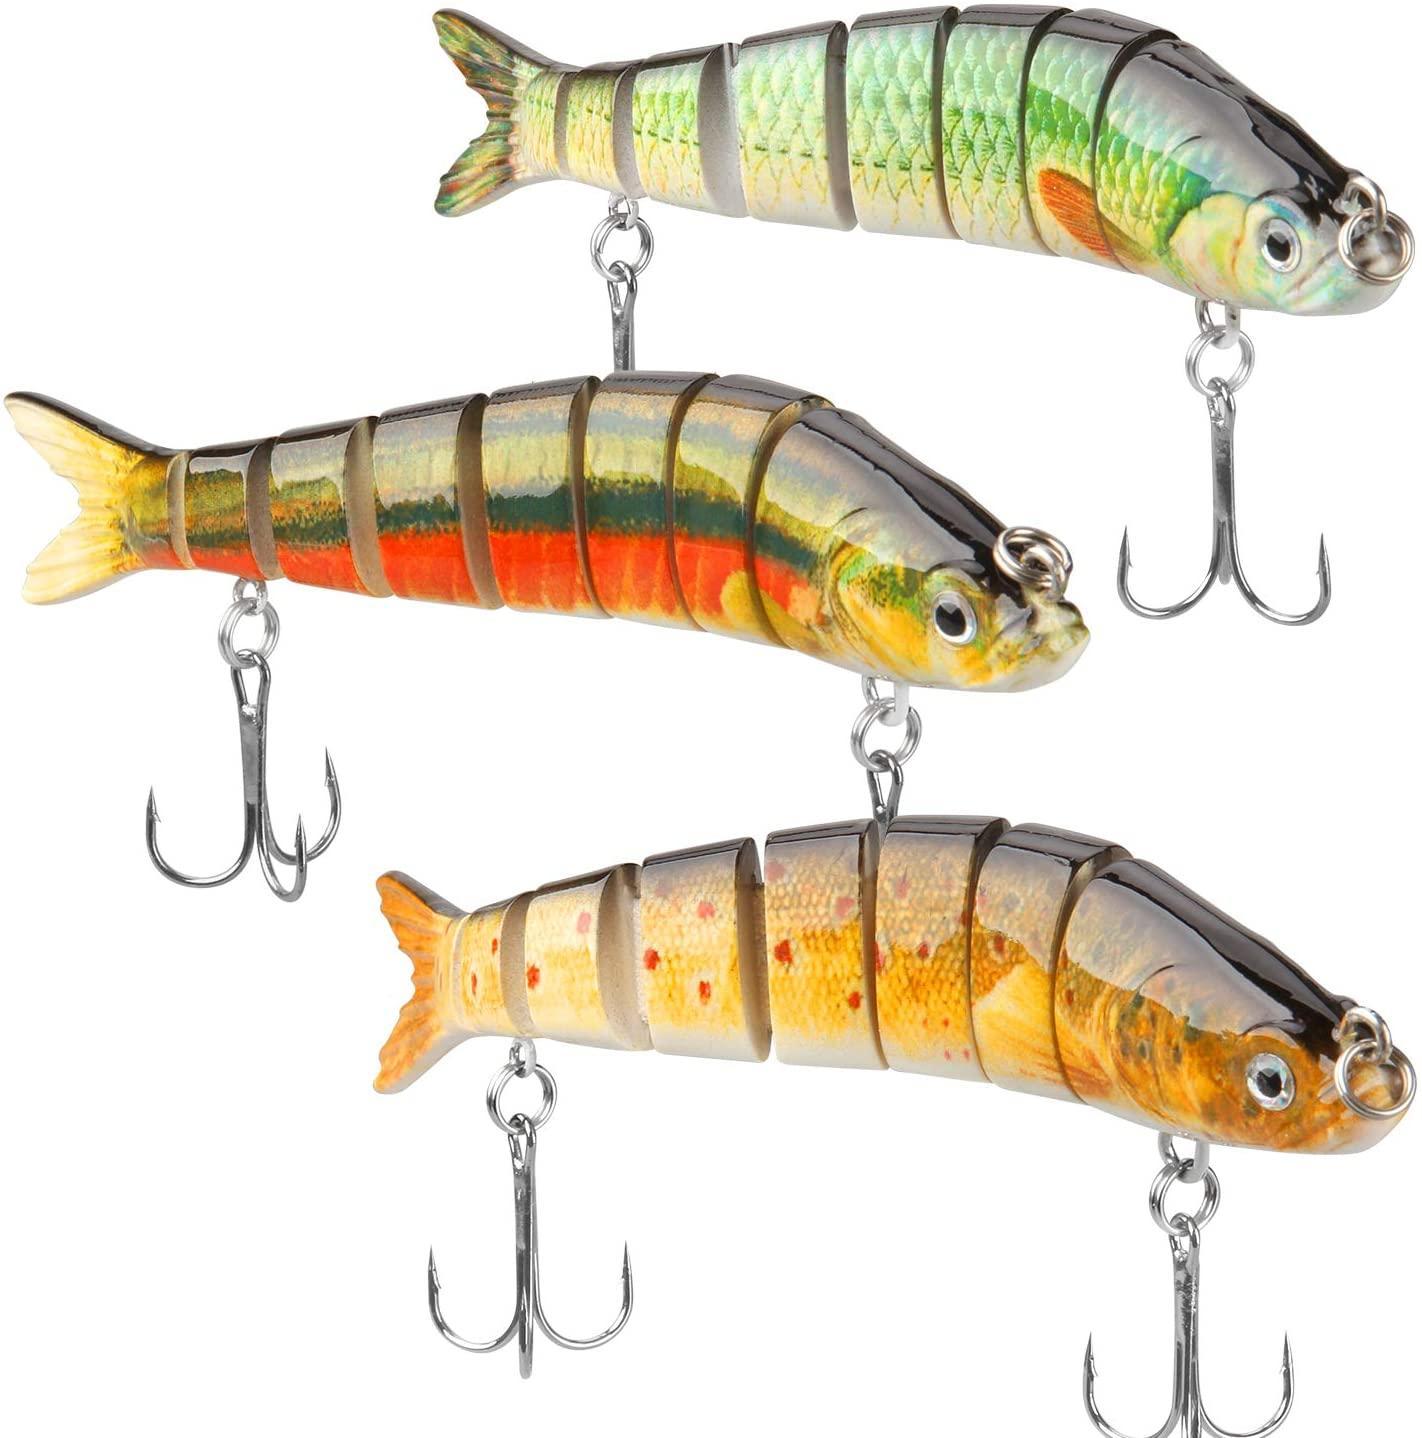 Рыболовные приманки для басовой форели Многообразные Crank Bait Swimbaits Slowwater Manwater Rangeate Bass Freshwater Moltwater LifeLike Рыболовные приманки